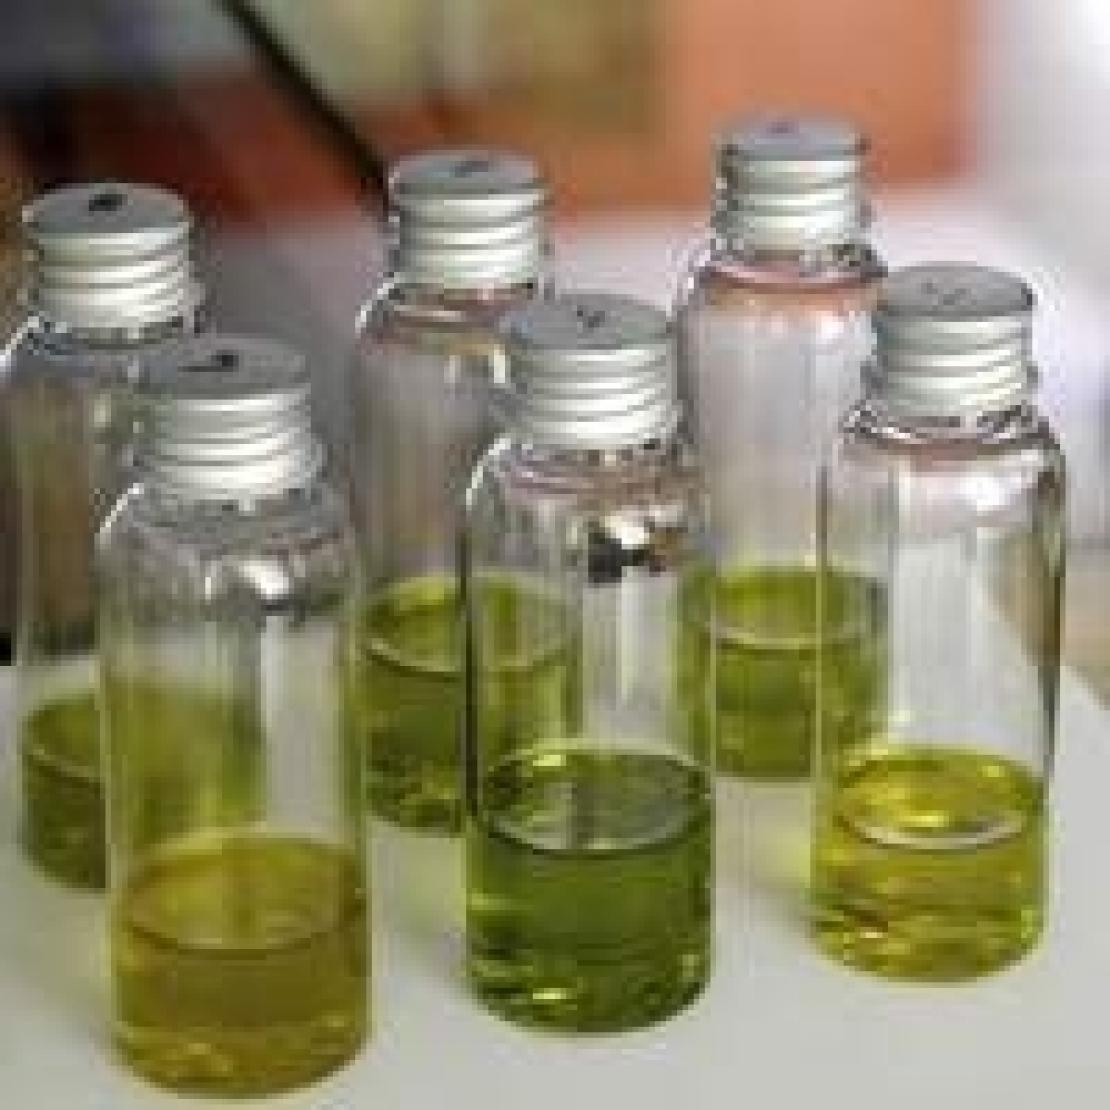 L'olio extra vergine non è tutto uguale. Come riconoscere quello buono?